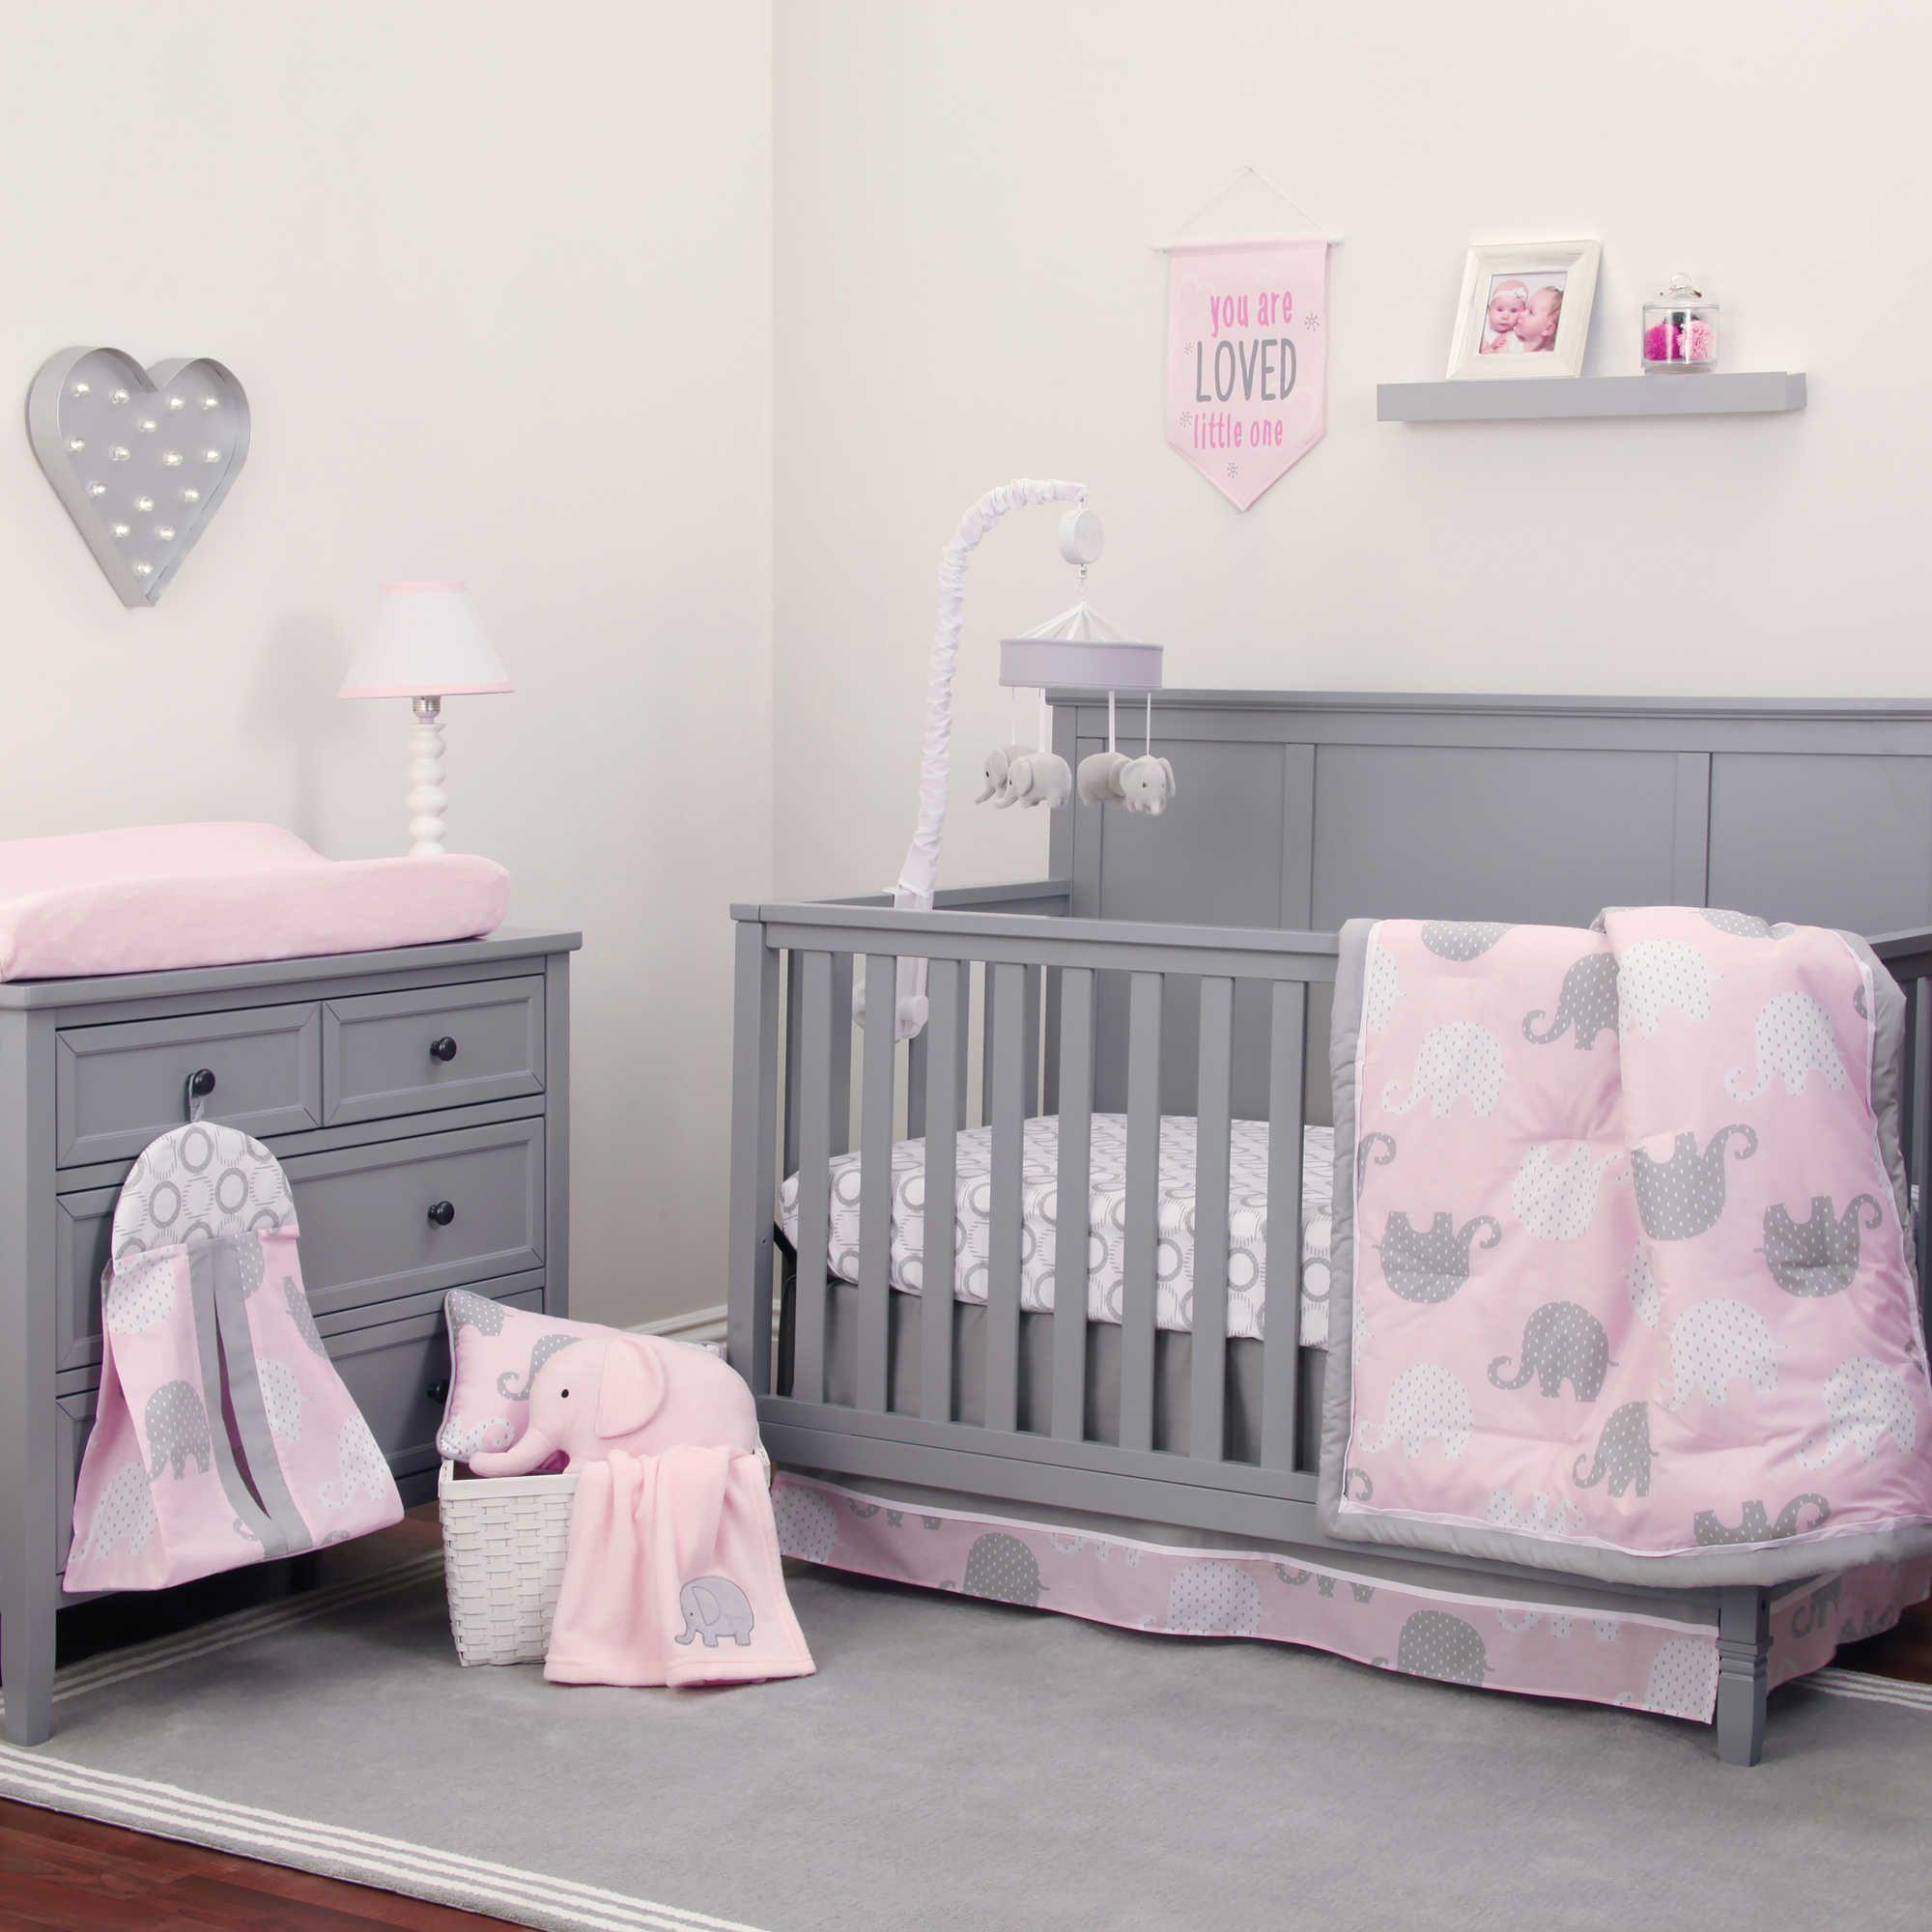 Pin de johanna castrillo en bebés   Pinterest   Bebé